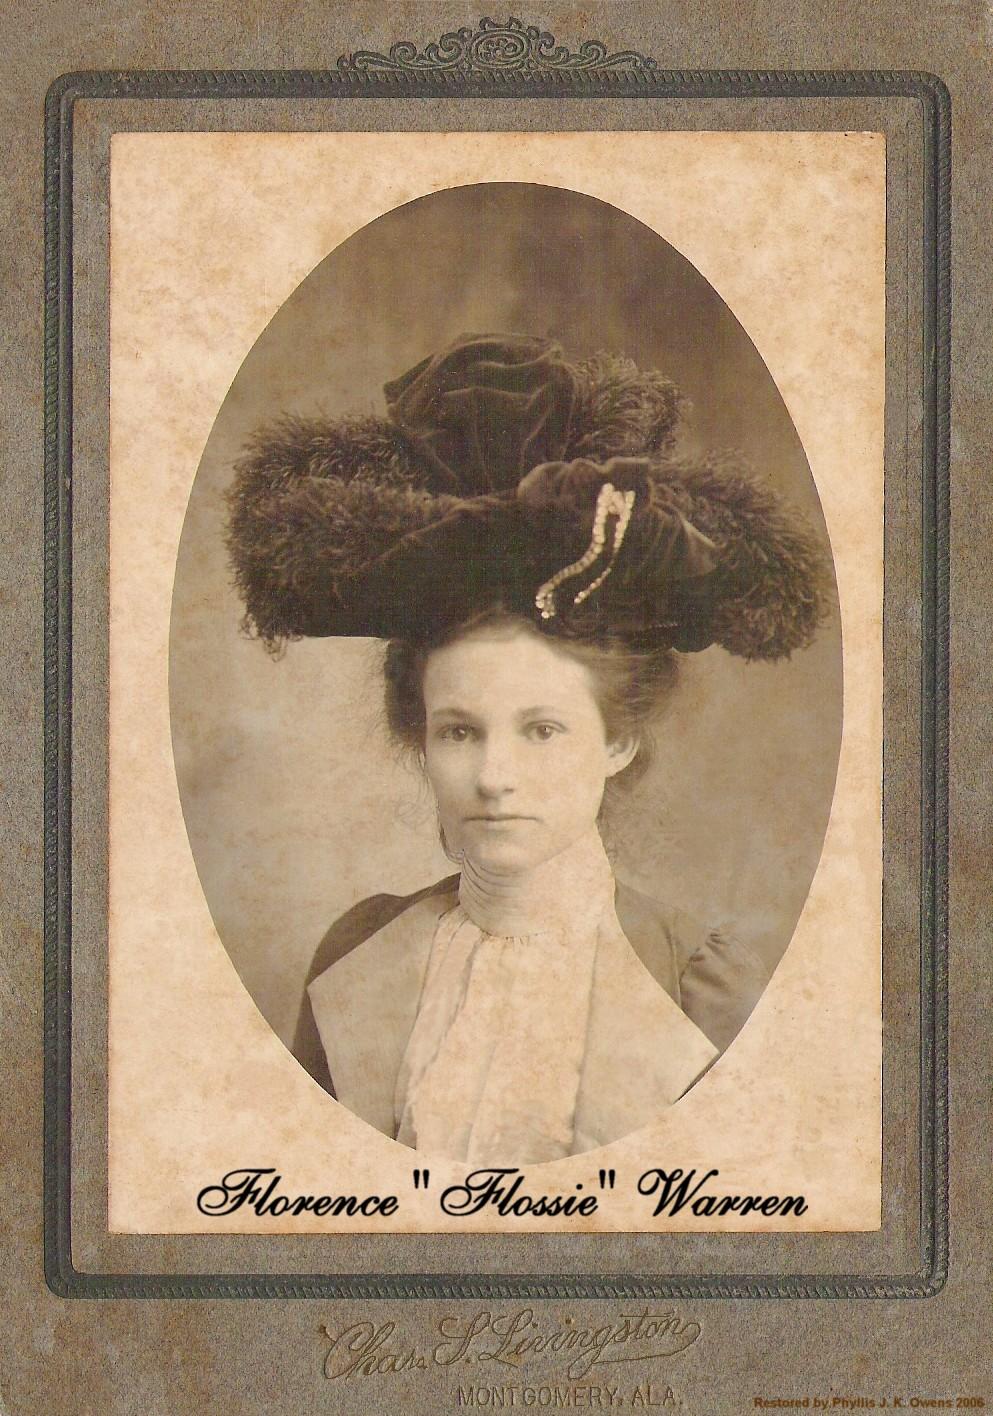 Florence Flossie Warren